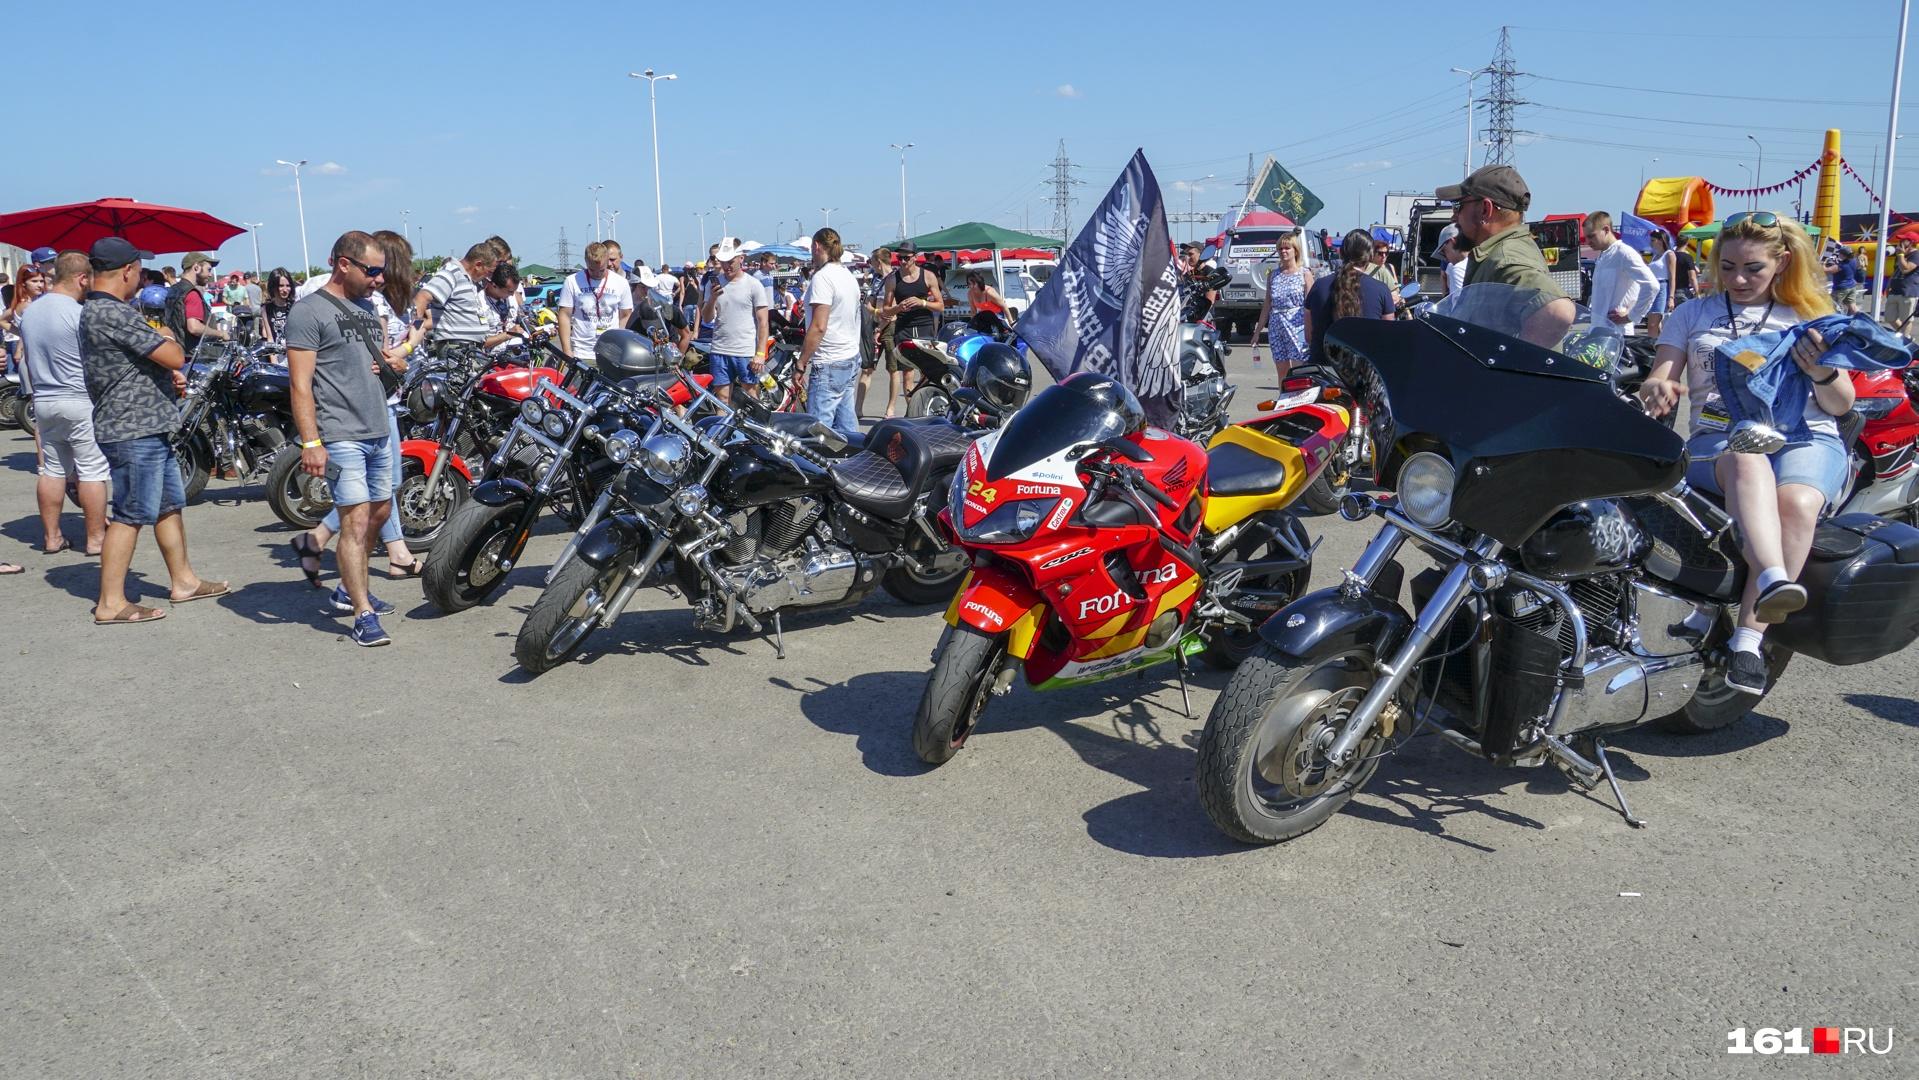 Выставка мотоциклов — для тех, кто в душе «Ночной волк»